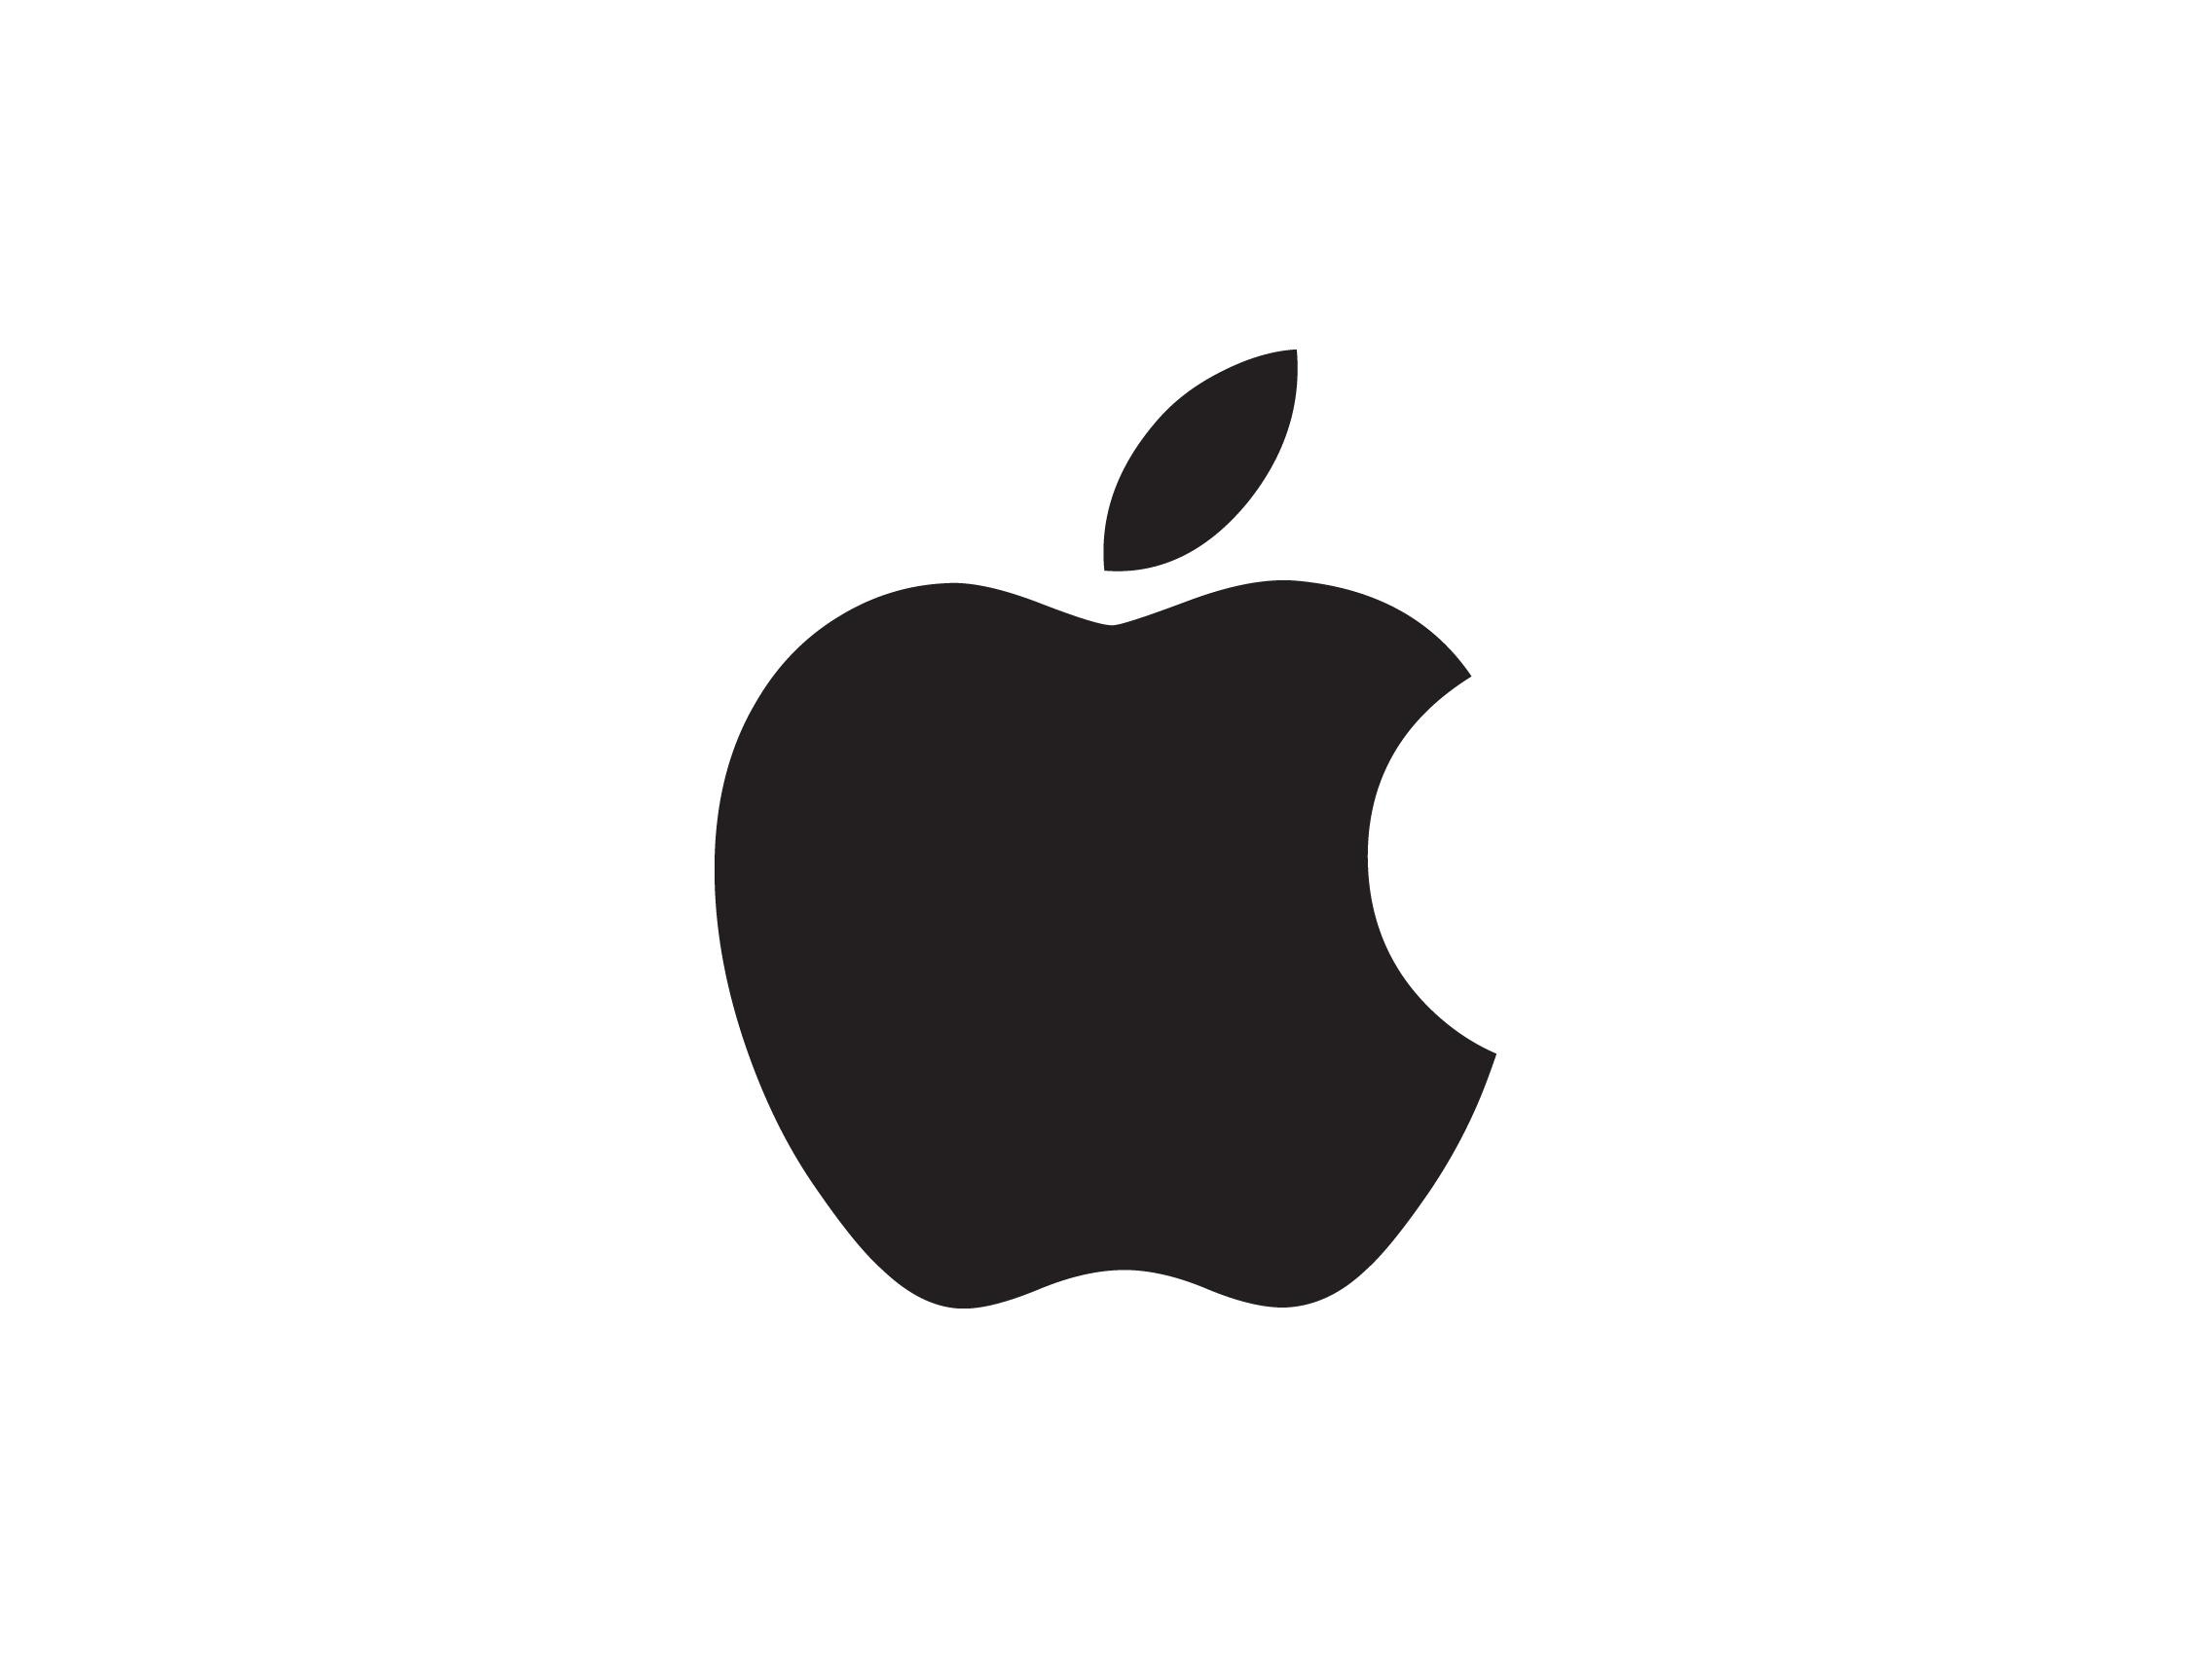 clipart Http www clohound com. Vector apples logo